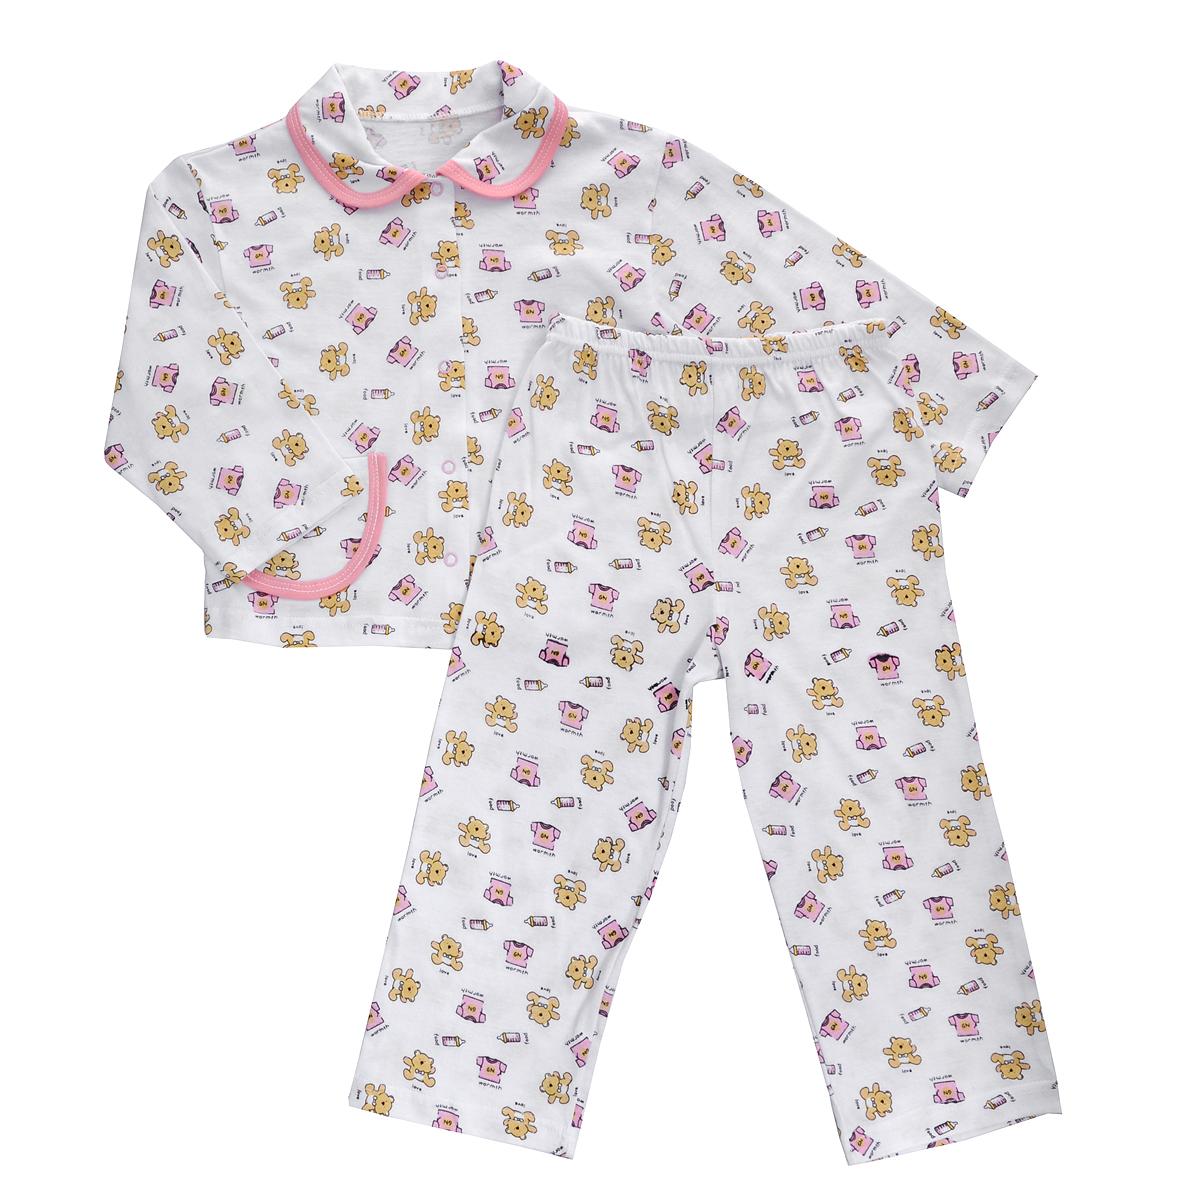 Пижама детская Трон-плюс, цвет: белый, розовый, рисунок мишки. 5562. Размер 86/92, 2-3 года5562Яркая детская пижама Трон-плюс, состоящая из кофточки и штанишек, идеально подойдет вашему малышу и станет отличным дополнением к детскому гардеробу. Теплая пижама, изготовленная из кулирки - натурального хлопка, необычайно мягкая и легкая, не сковывает движения ребенка, позволяет коже дышать и не раздражает даже самую нежную и чувствительную кожу малыша. Кофта с длинными рукавами имеет отложной воротничок и застегивается на кнопки, также оформлена небольшим накладным карманчиком. Штанишки на удобной резинке не сдавливают животик ребенка и не сползают.В такой пижаме ваш ребенок будет чувствовать себя комфортно и уютно во время сна.